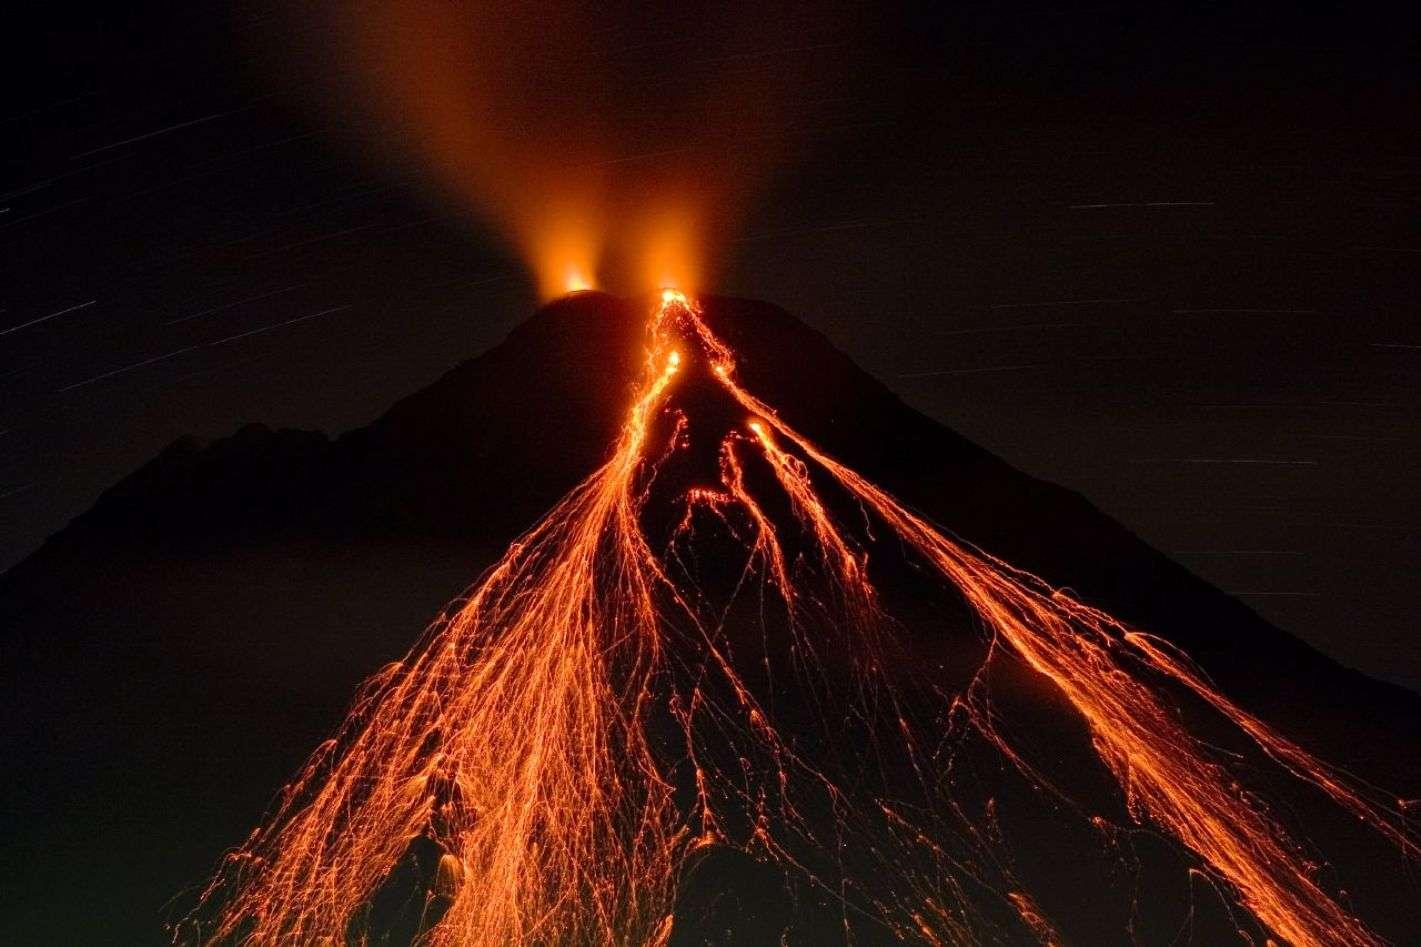 L'activité volcanique et la fonte des glaces sont deux phénomènes liés qui façonnent notre planète. Ici, l'Arenal, un volcan situé au Costa Rica, en éruption. C'est un jeune stratovolcan puisque sa première éruption s'est produite il y a 7.000 ans, ce qui fait même de lui le volcan le plus jeune du pays. © Matthew G. Landry, Wikipédia, CC by 2.5